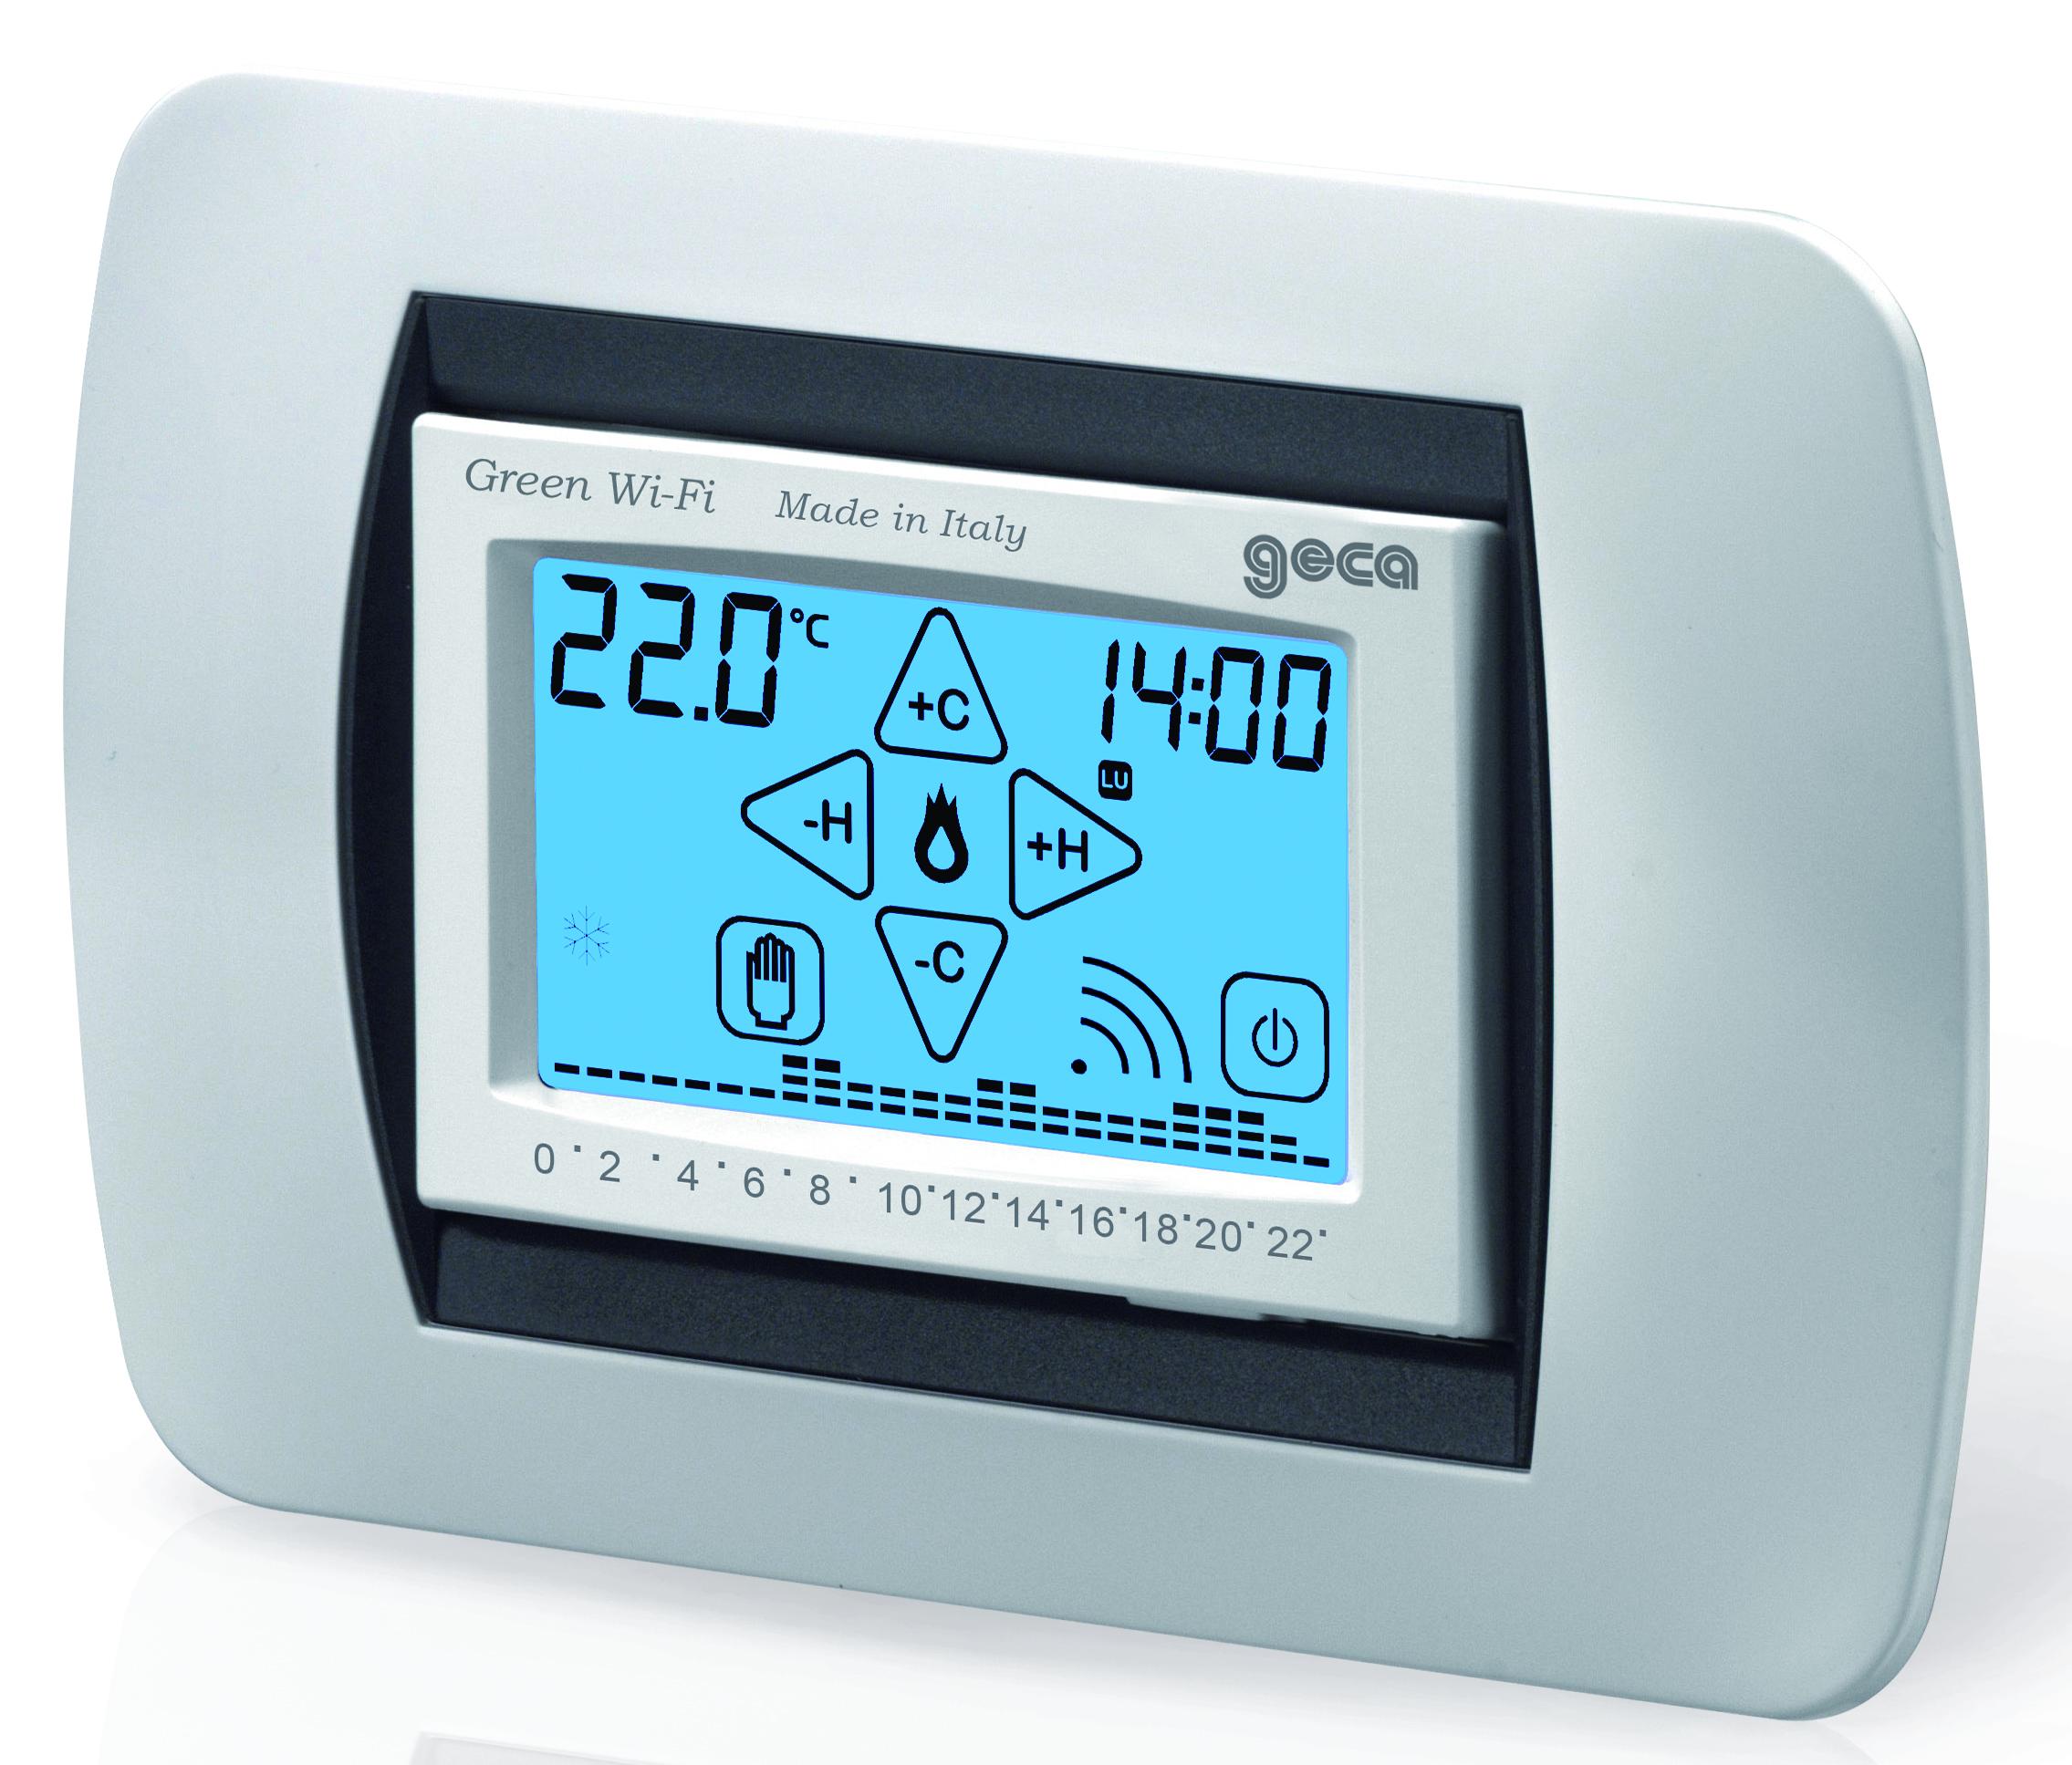 Cronotermostato da incasso wi fi multiplacca il for Geca unico termostato istruzioni